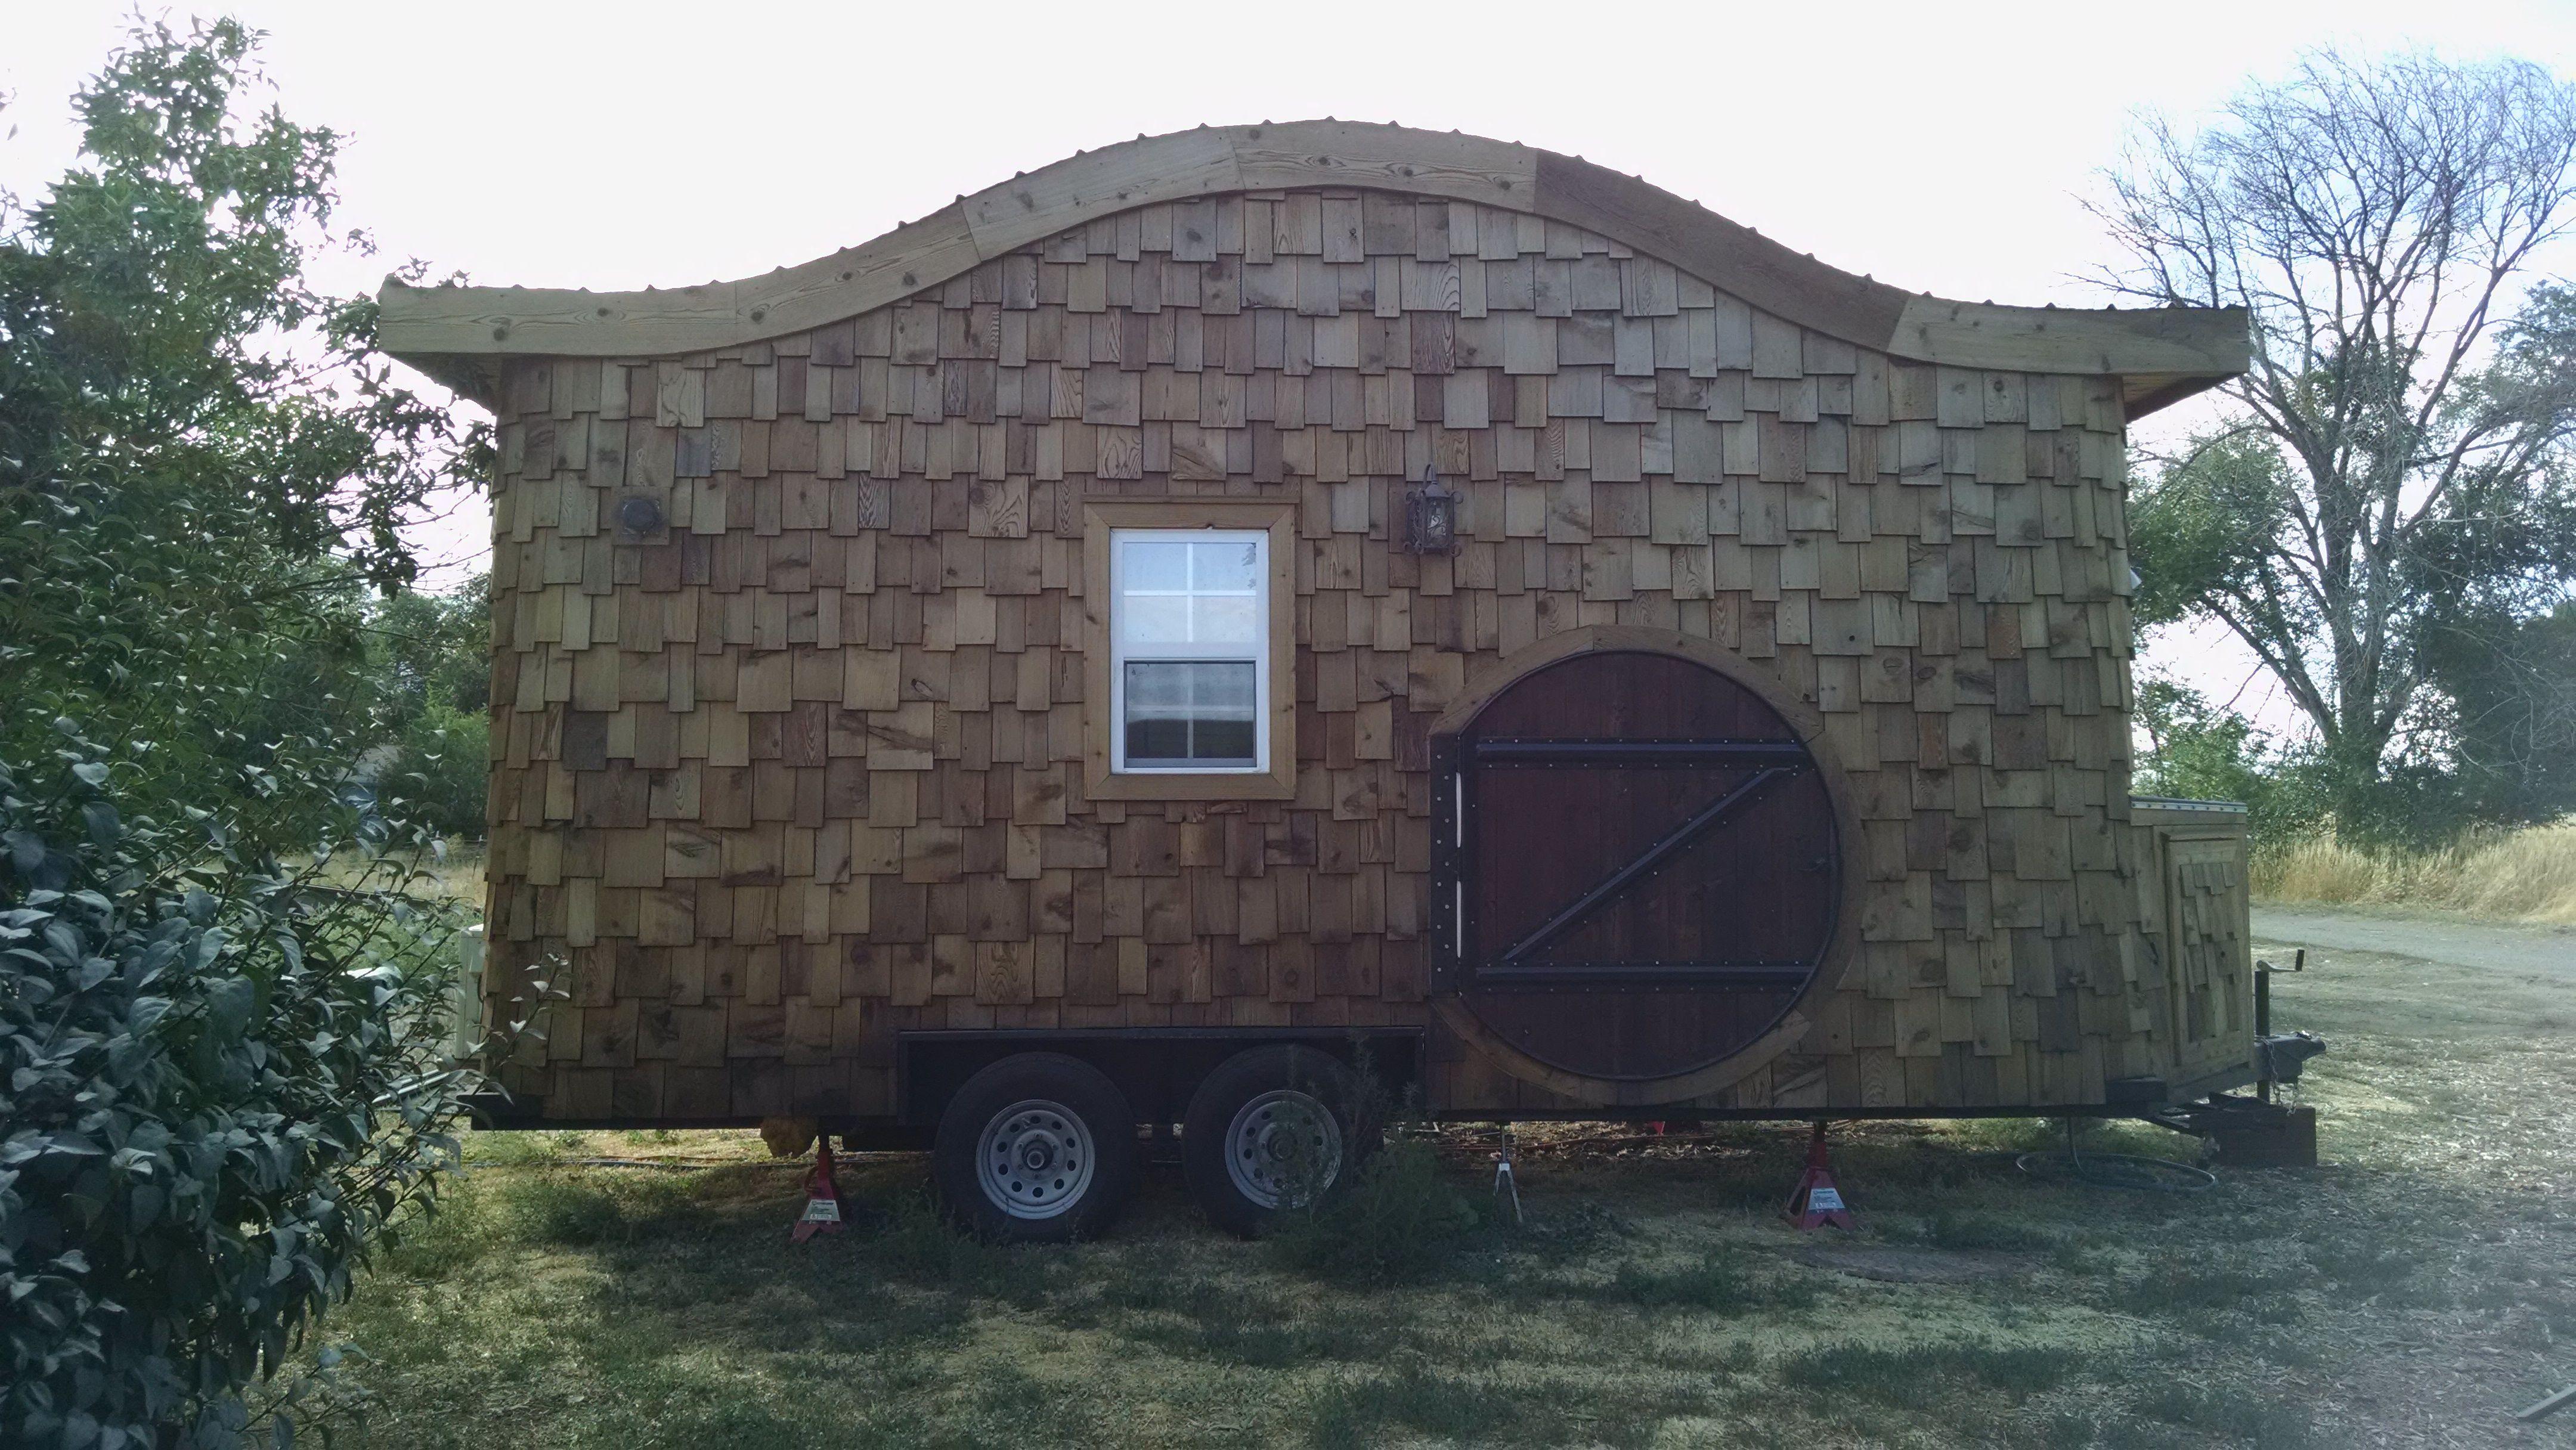 Tiny Hobbit House On Wheels Tiny House For Sale In Jerome Idaho